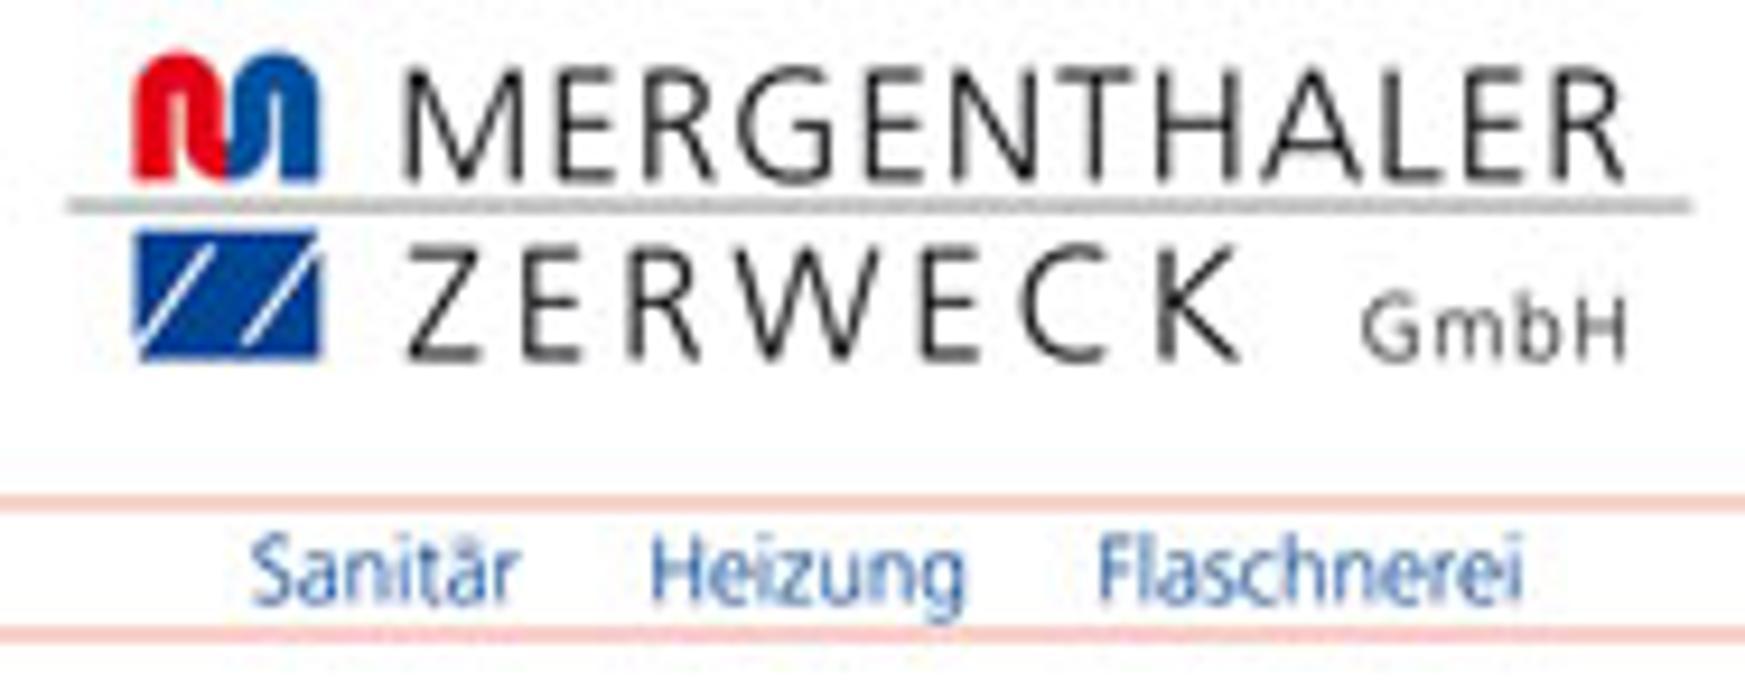 Bild zu Mergenthaler Zerweck GmbH in Fellbach